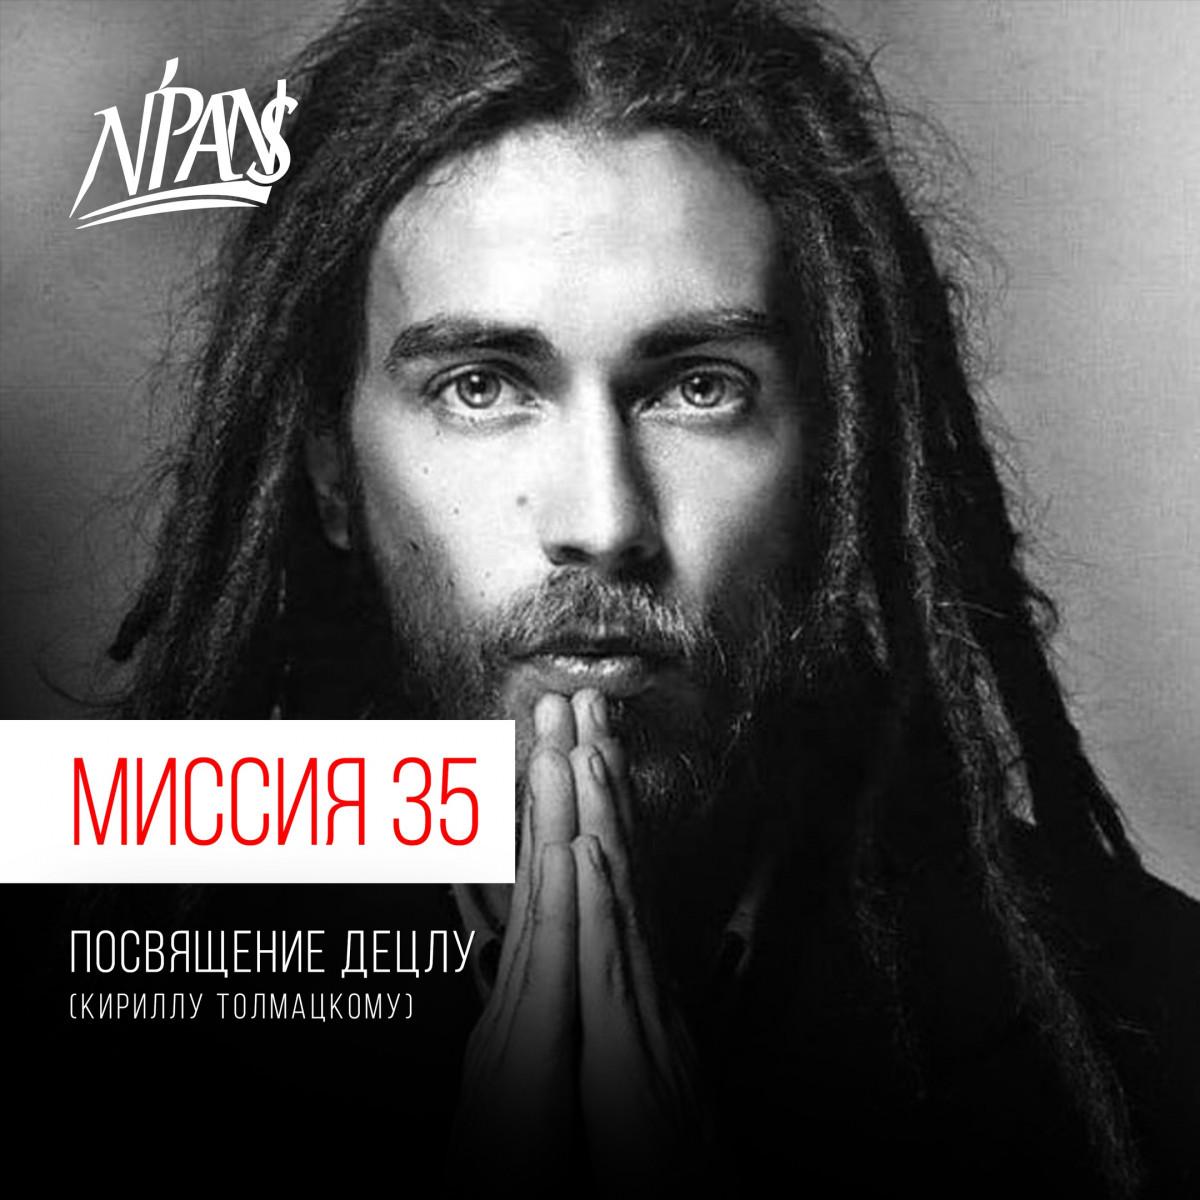 N'Pans — «Миссия 35: посвящение Децлу»